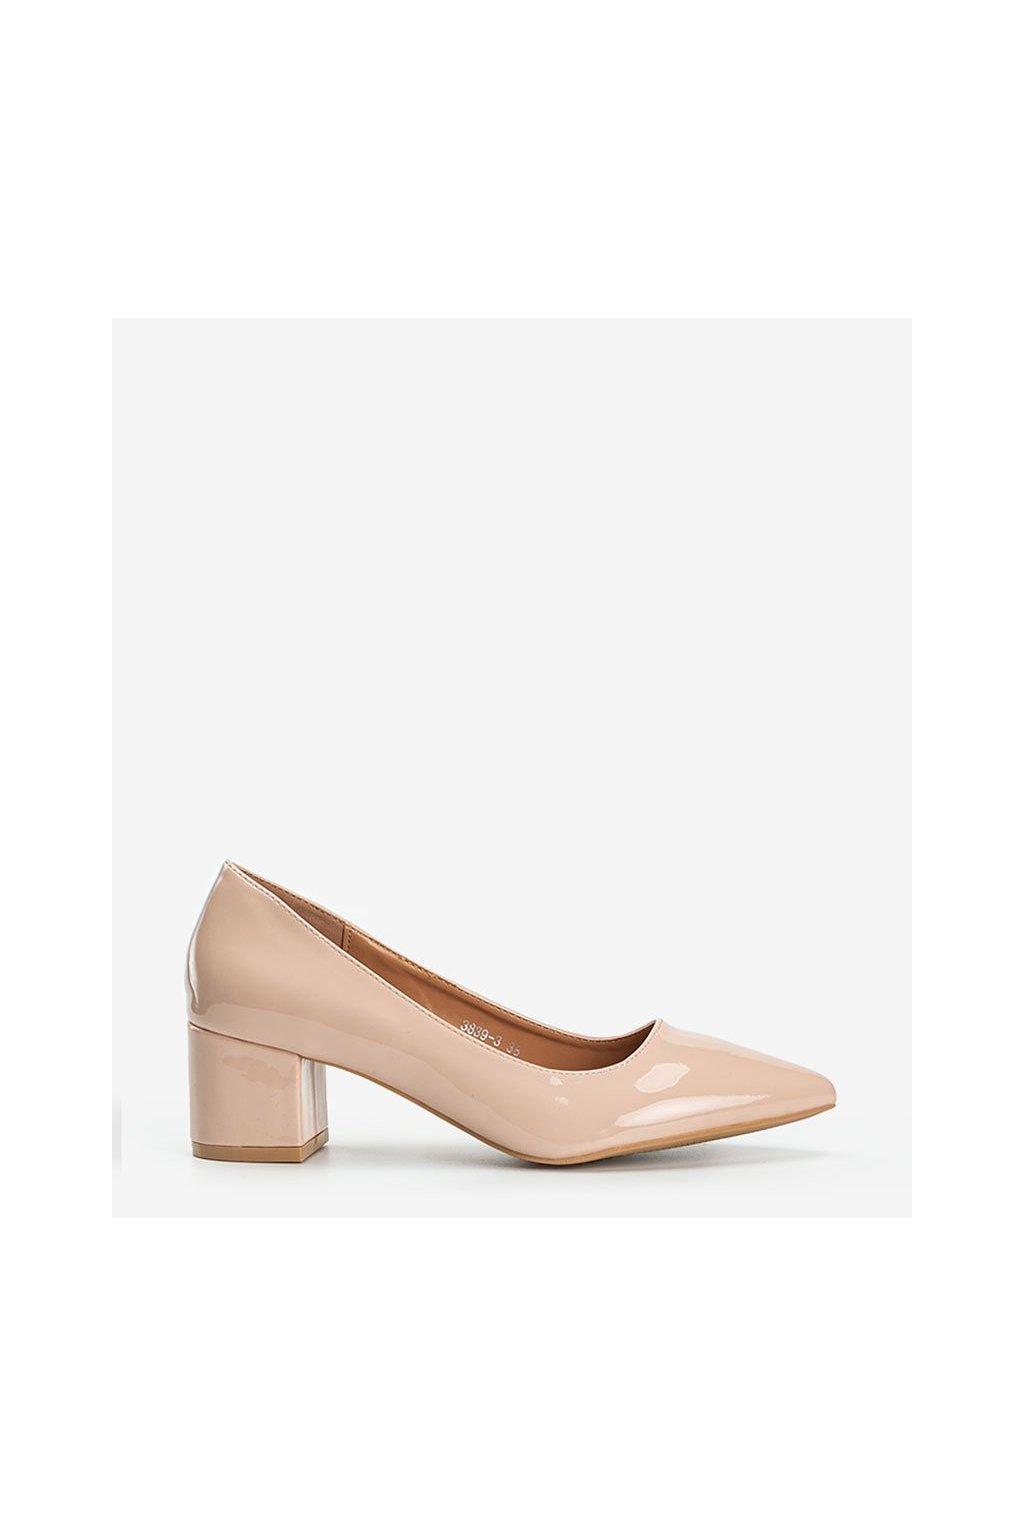 Dámske topánky lodičky hnedé kód 3839-3 - GM